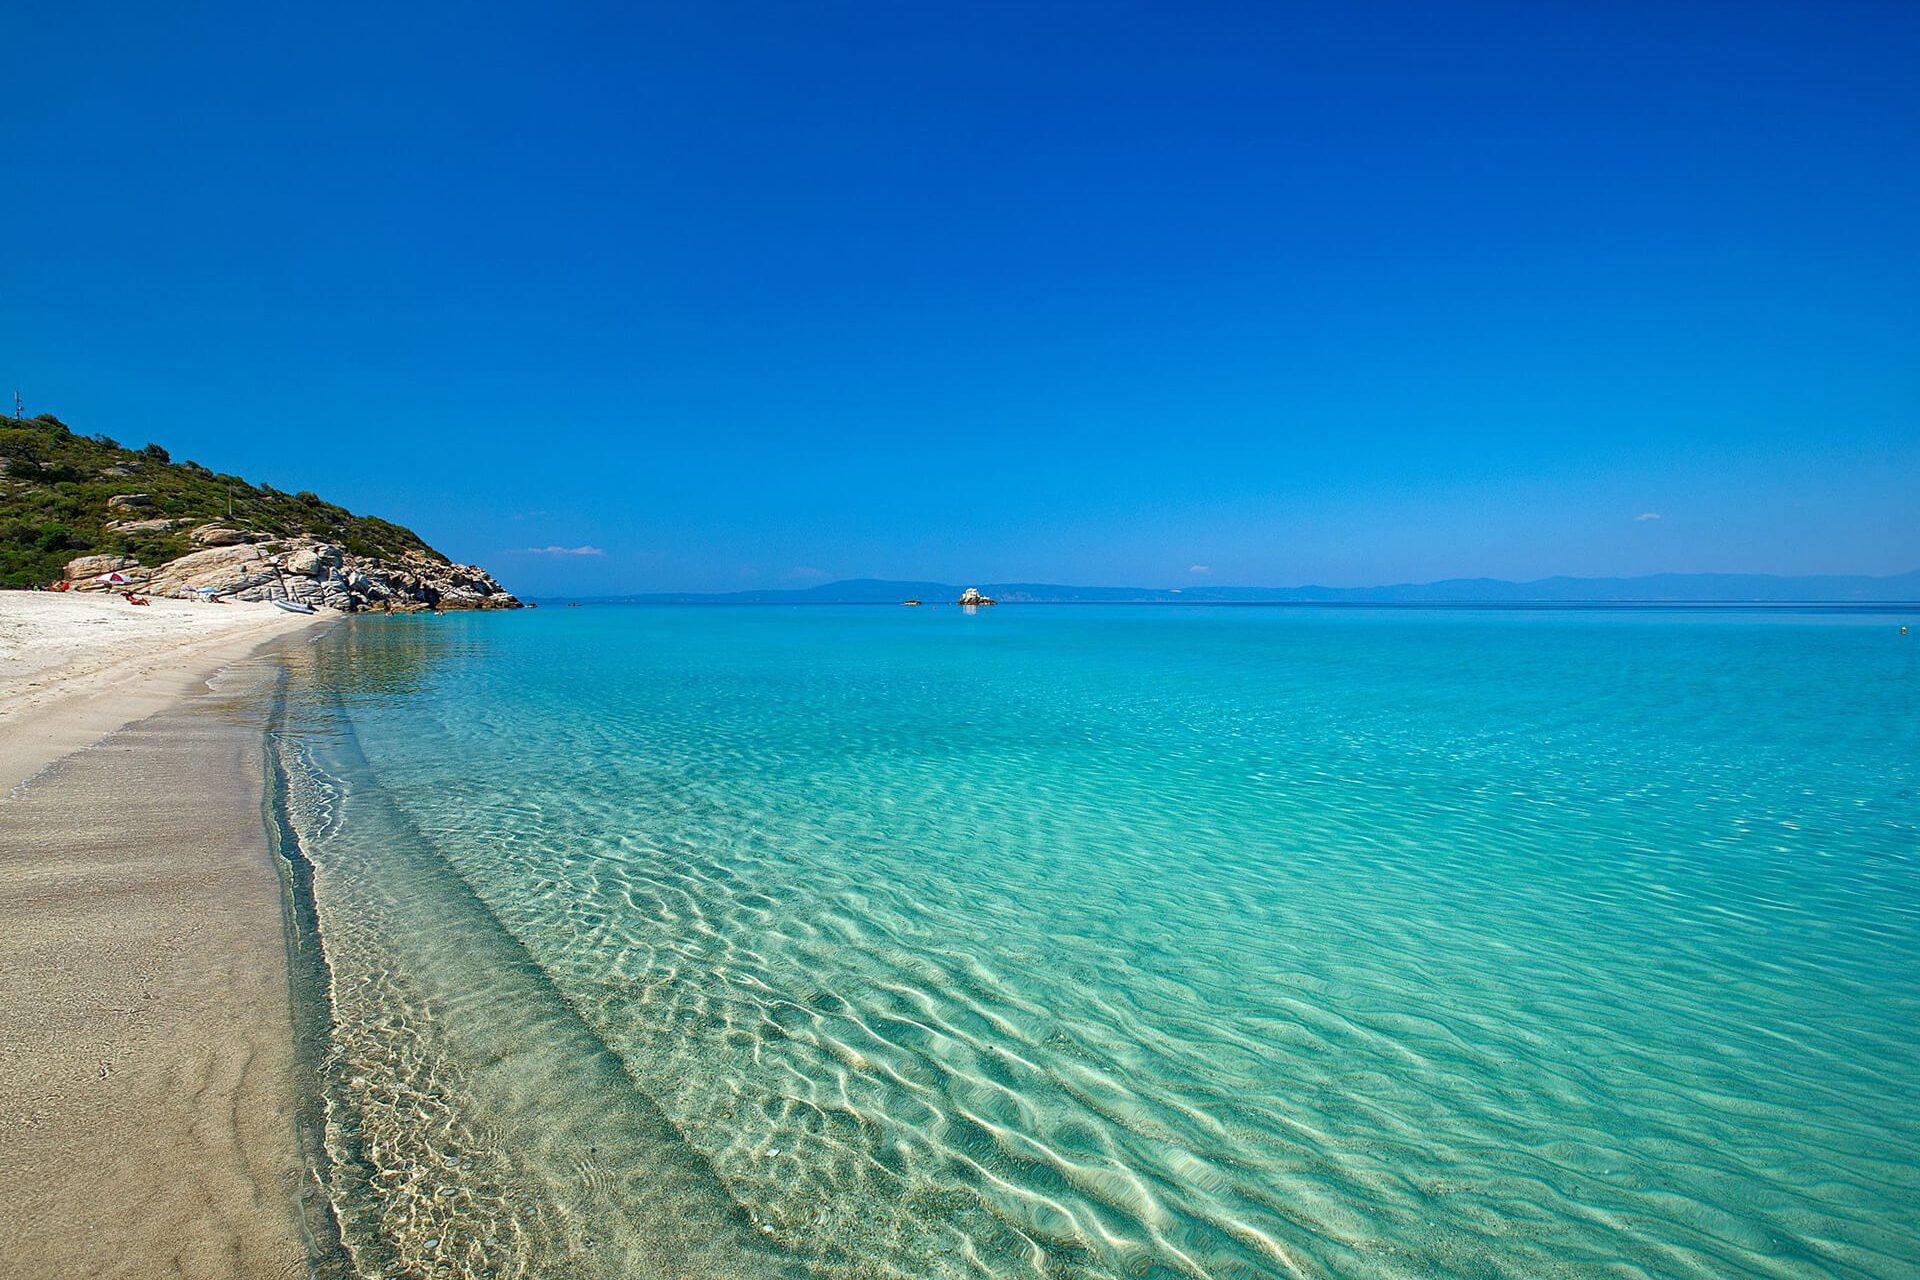 Καλοκαίρι στη Χαλκιδική